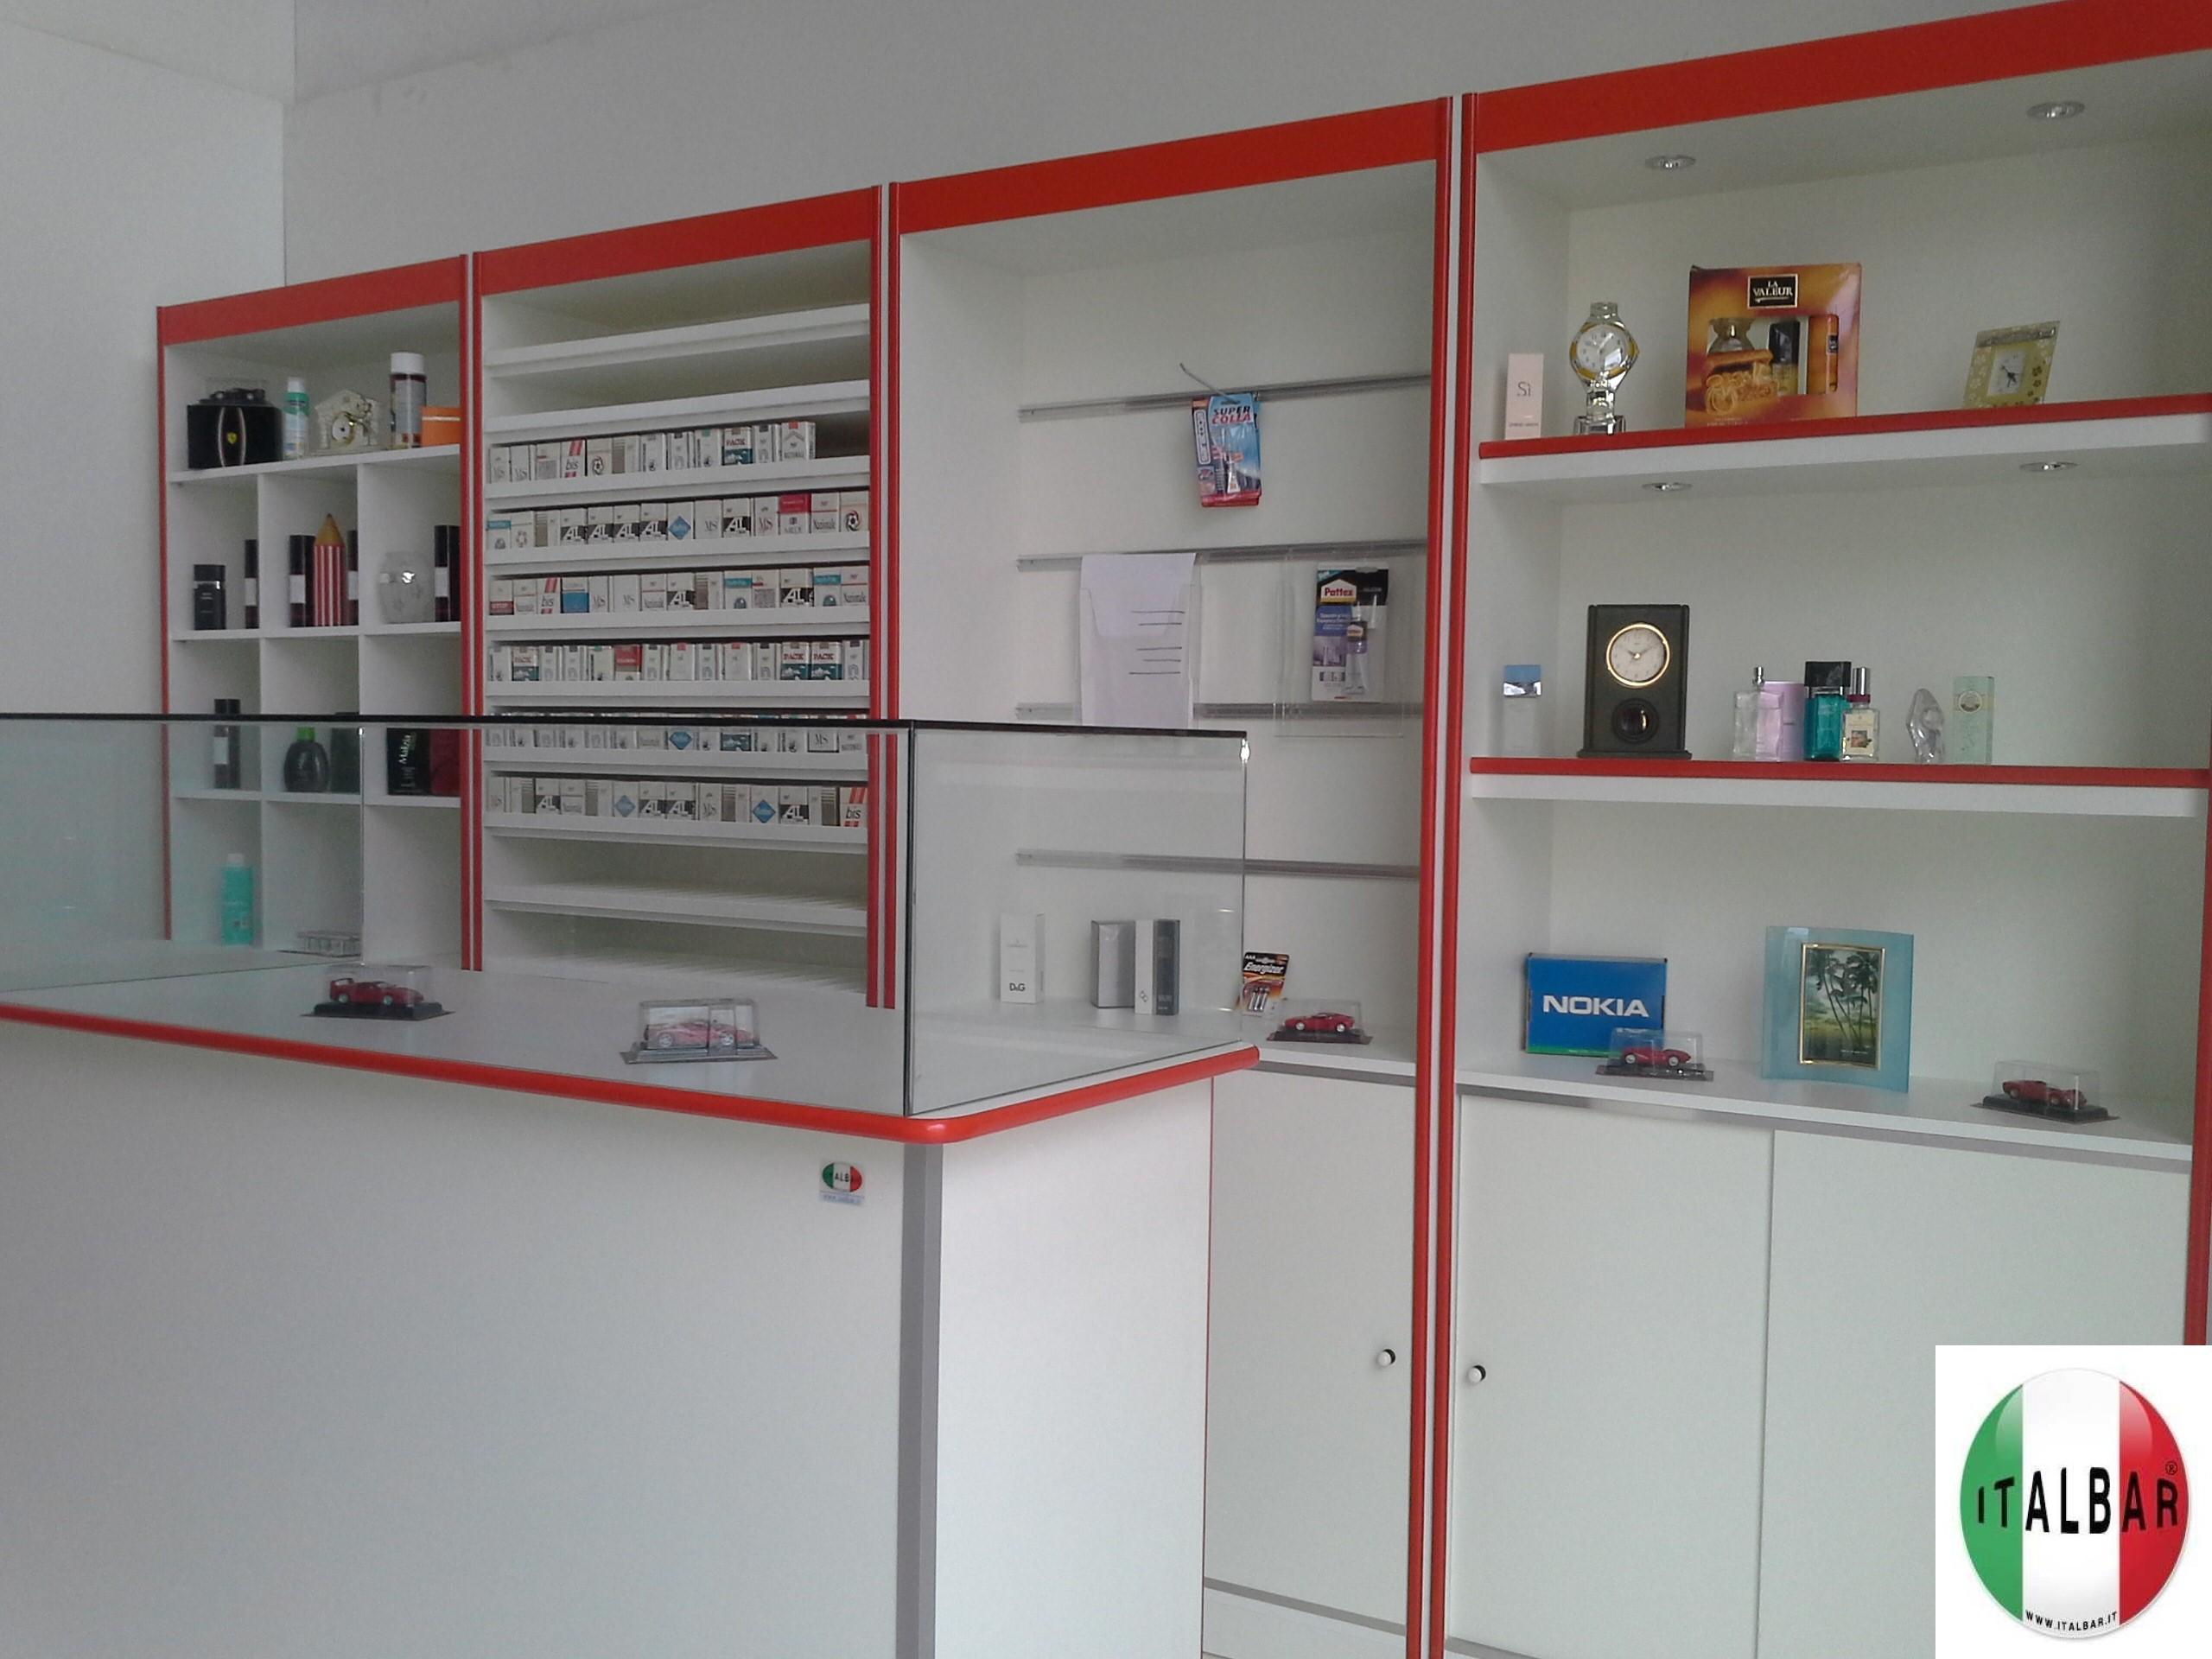 Banchi frigo banchi bar banconi bar produttori di for Banconi bar usati roma